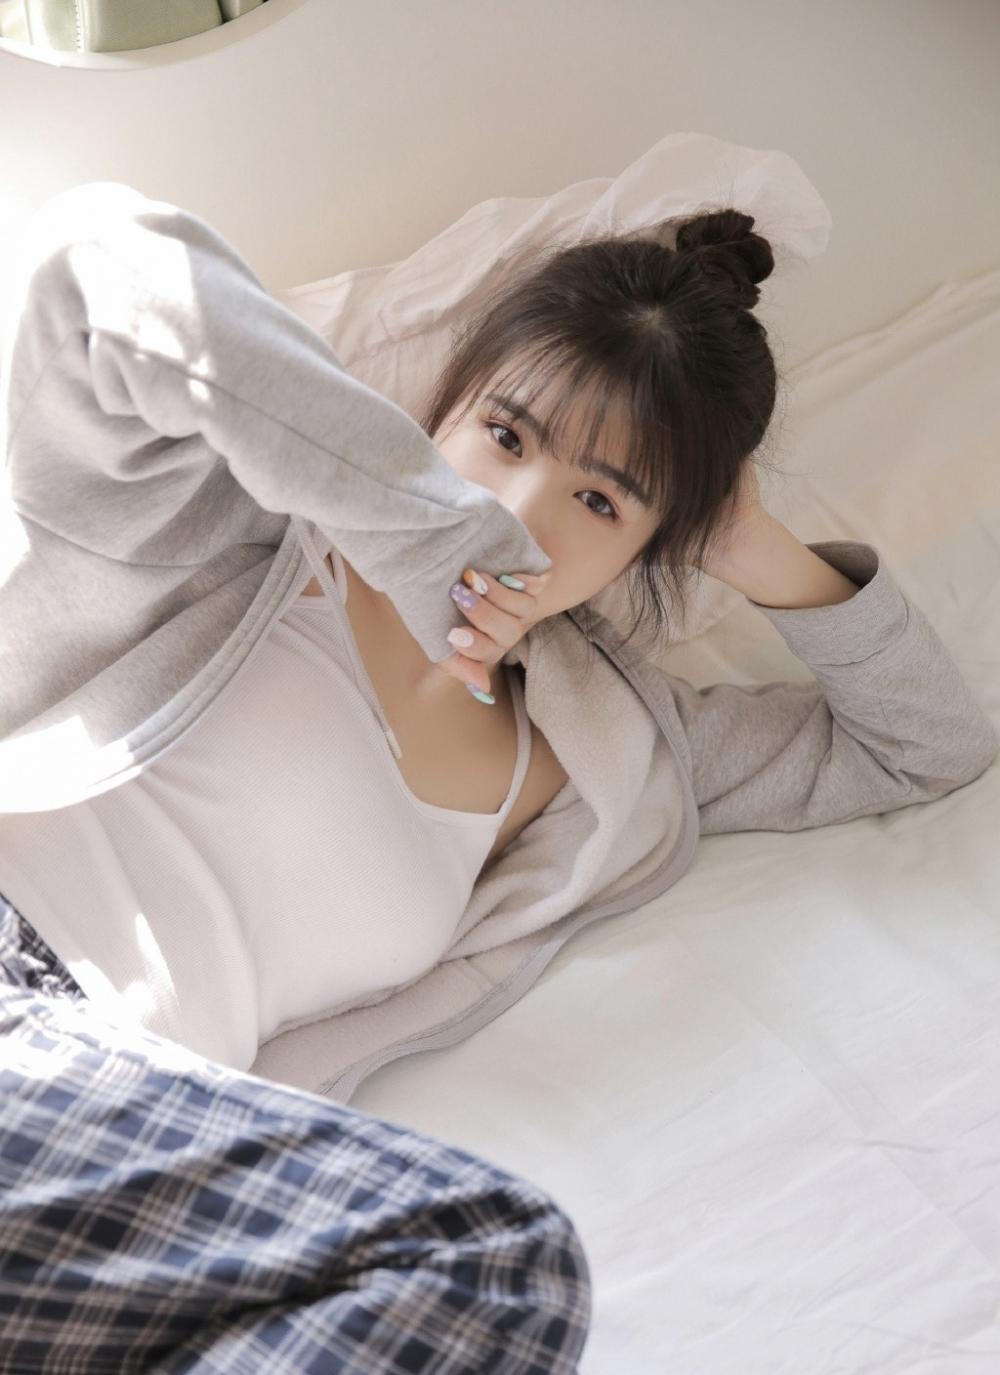 年轻漂亮的清纯软妹迷人桃花眼肌肤白皙诱人写真